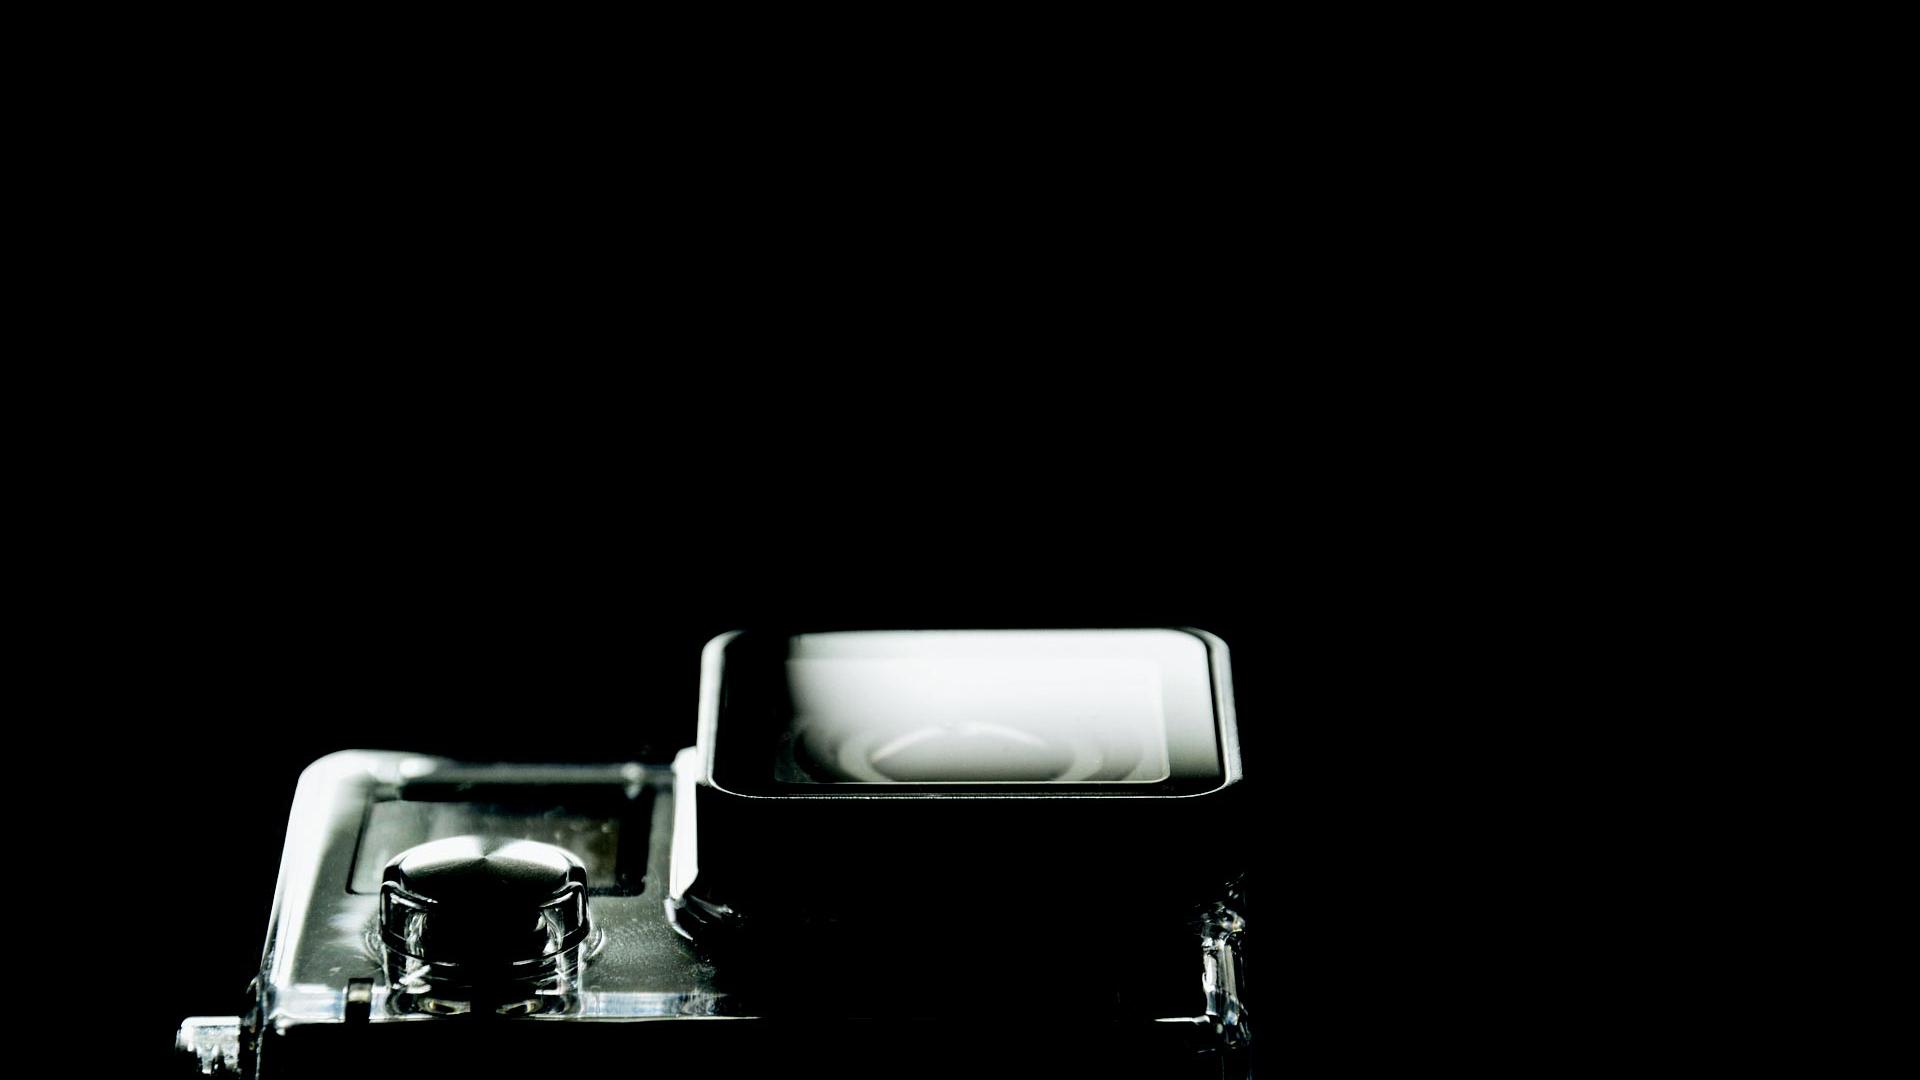 Gemeinschaftsausstellung von Andrej Barov, Guido Baselgia, Eva Leitholf, Regina Schmecken, Margriet Smulders, Hans-Christian Schink, Martin Kollar und Wolfgang Beinert vom 10.11.2005 bis 14.1.2006bei Jordanow - Galerie für Fotografie in München.